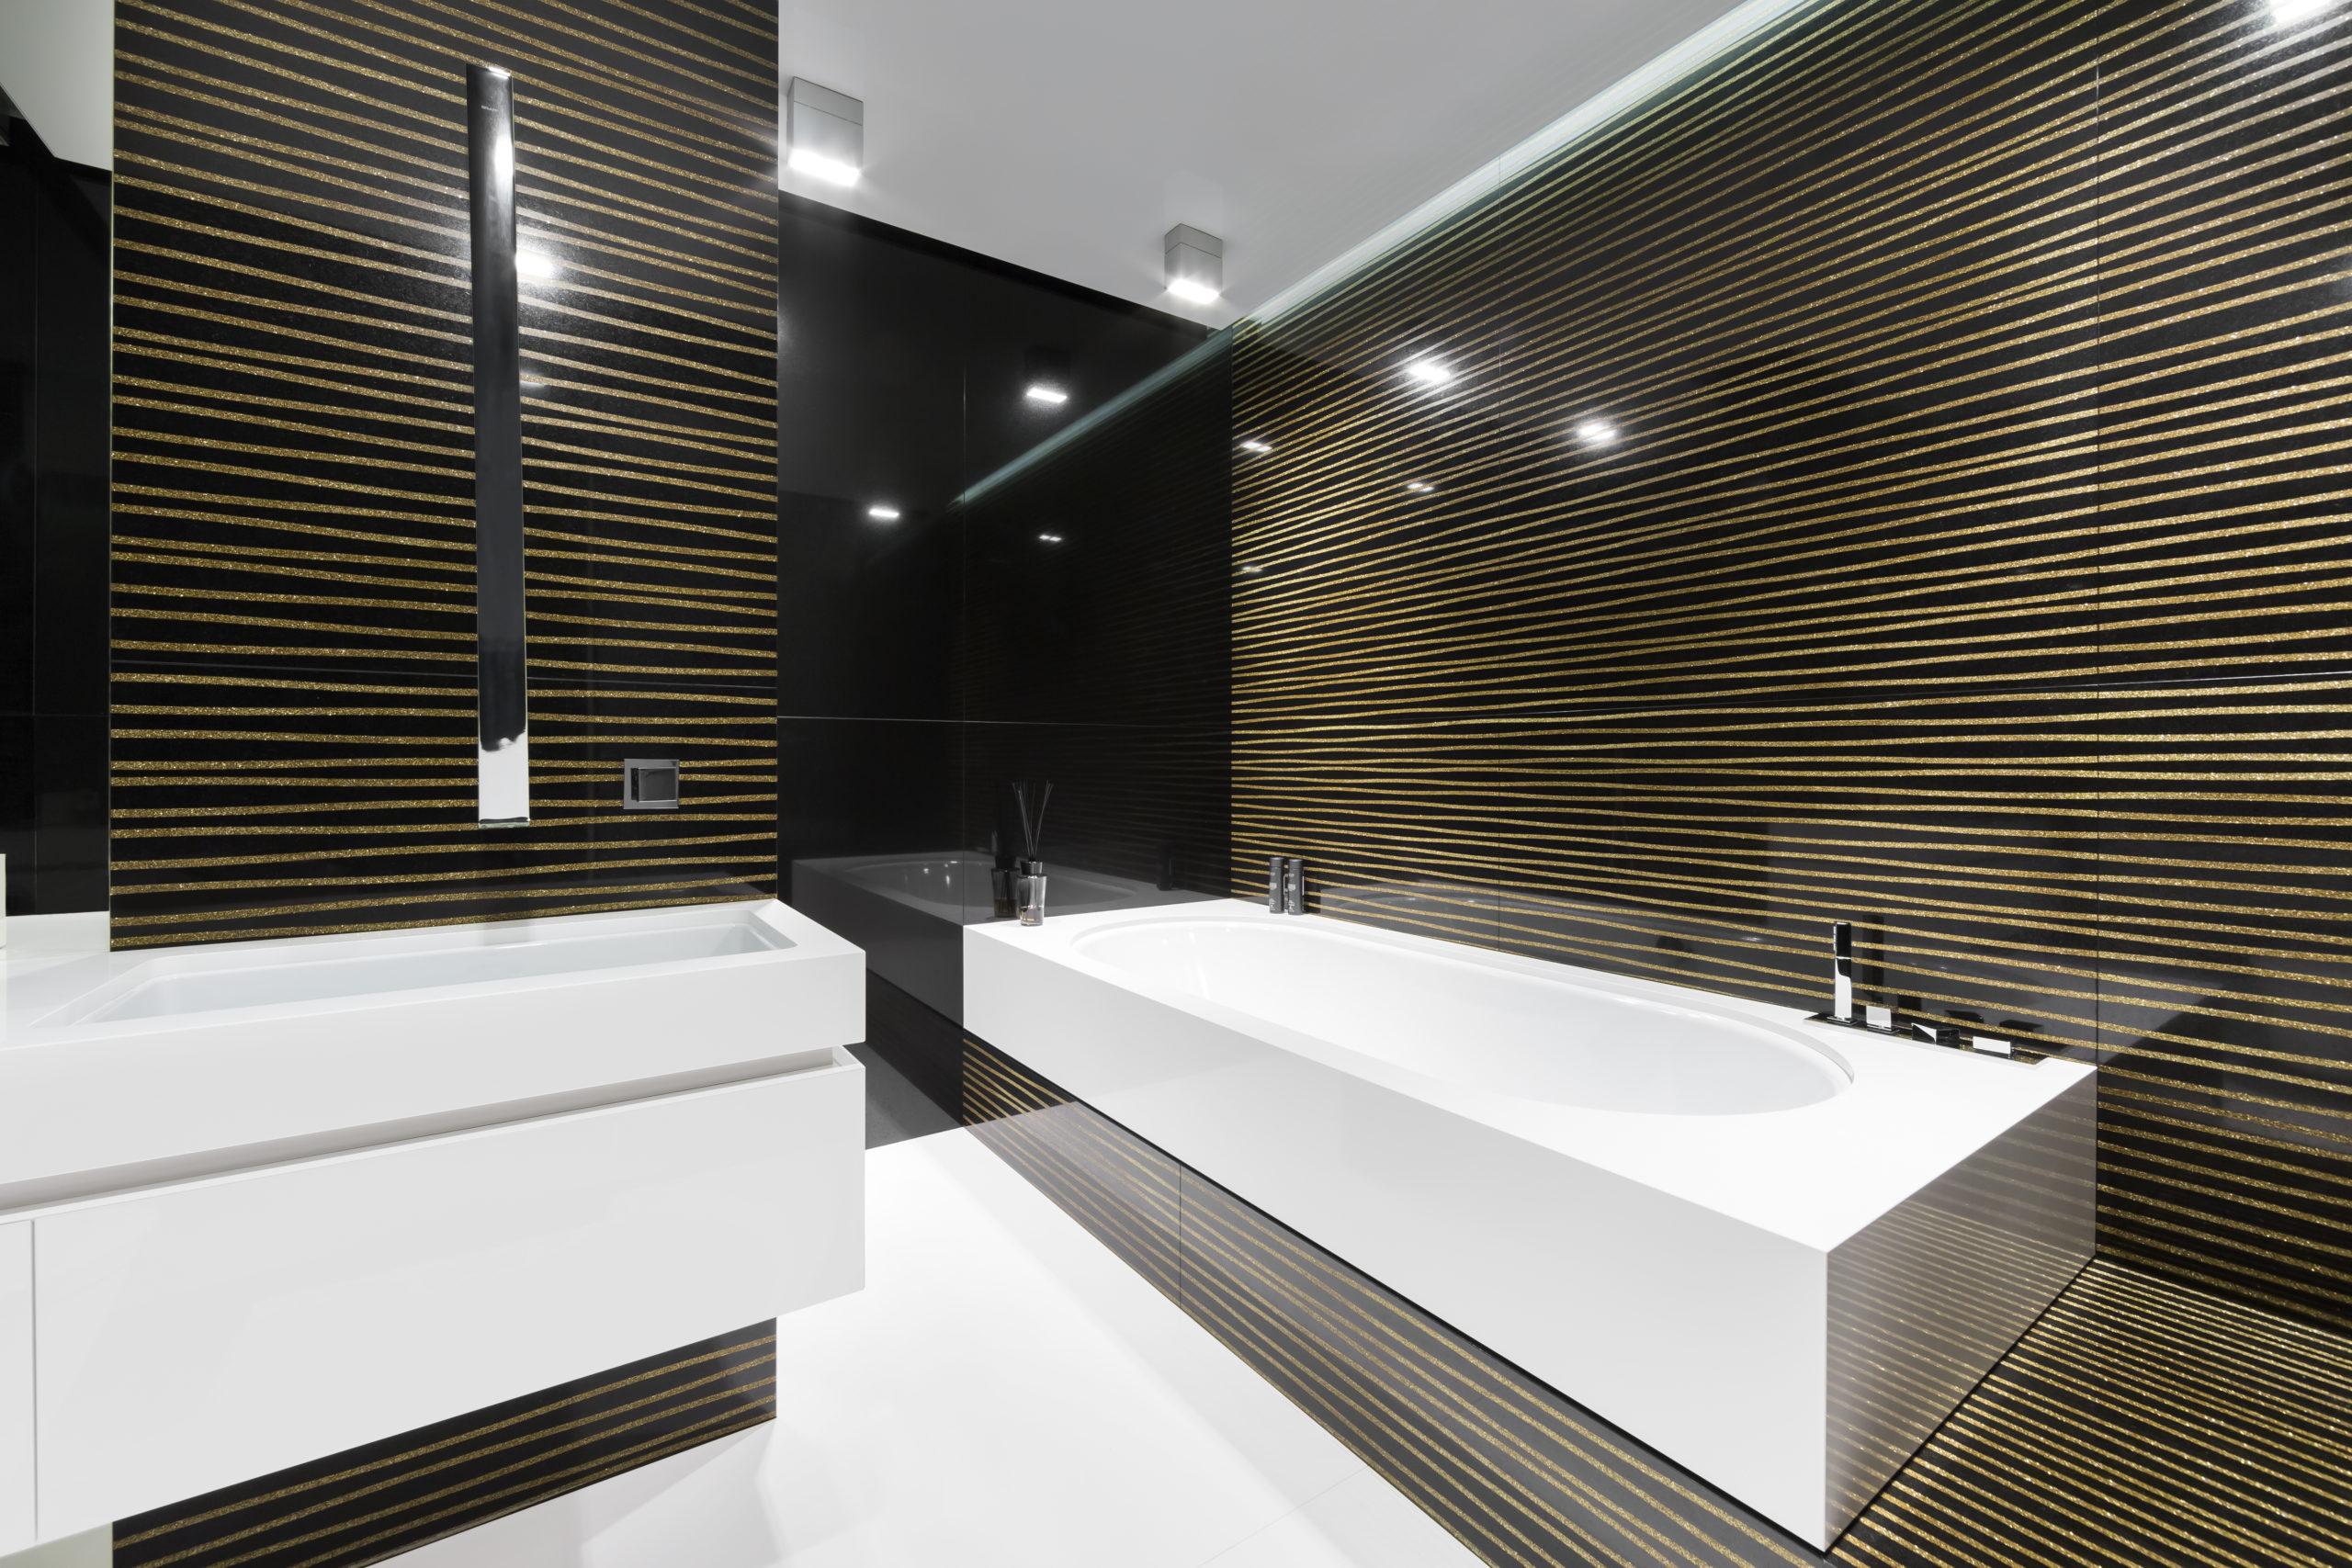 luksusowa łazienka nowoczesna elegancki pokój kąpielowy projekt wnętrz modern luxury bathroom interior_tarnowski division